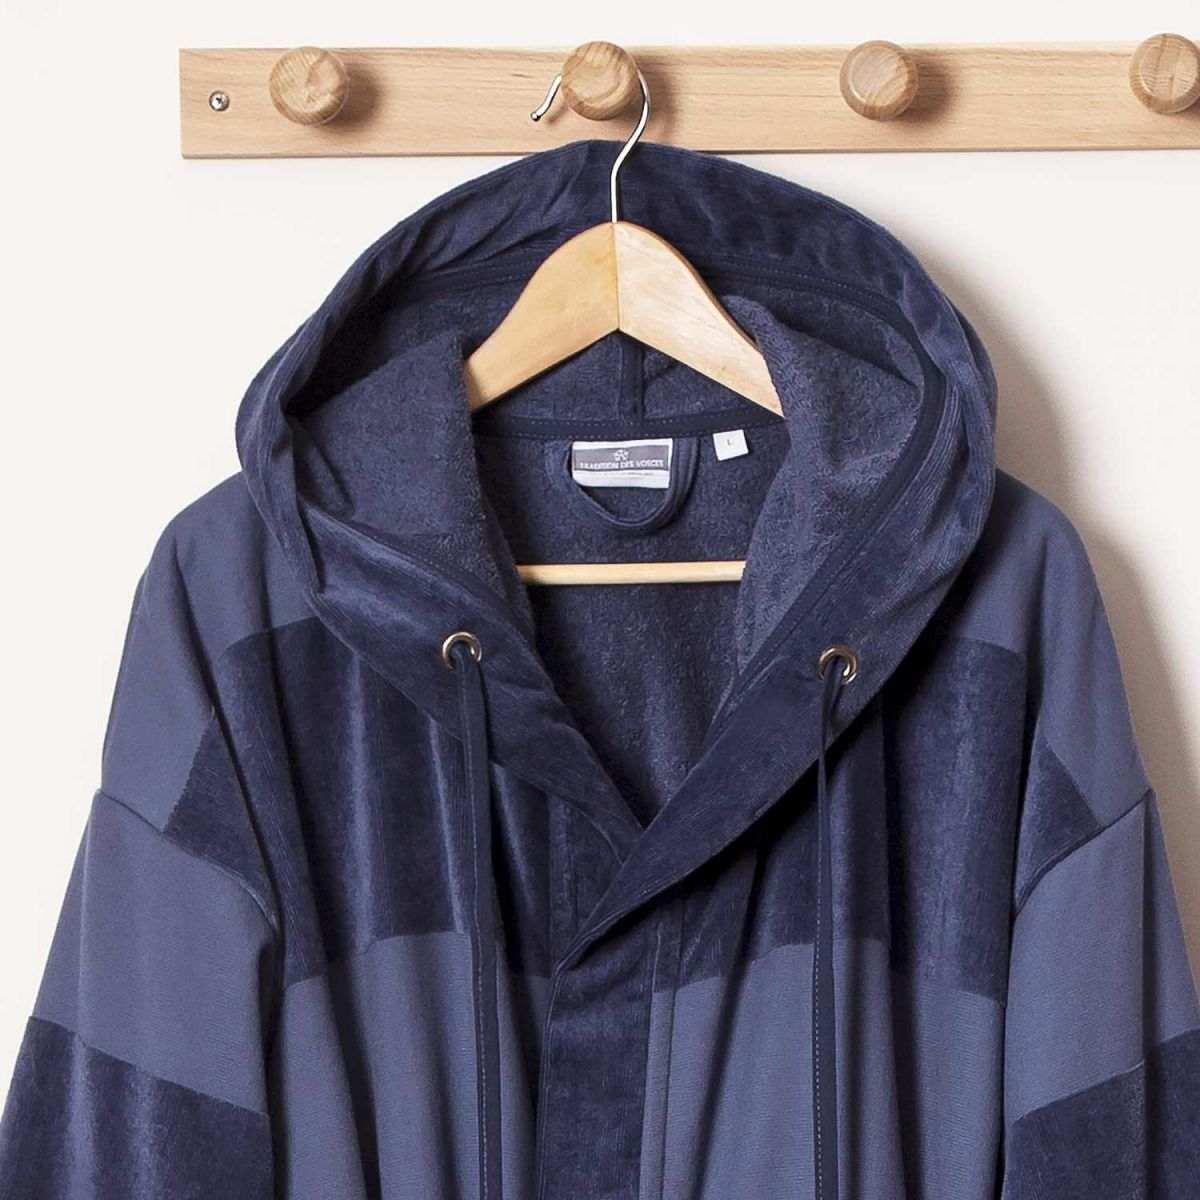 peignoir tom peignoir homme capuche tradition des vosges. Black Bedroom Furniture Sets. Home Design Ideas